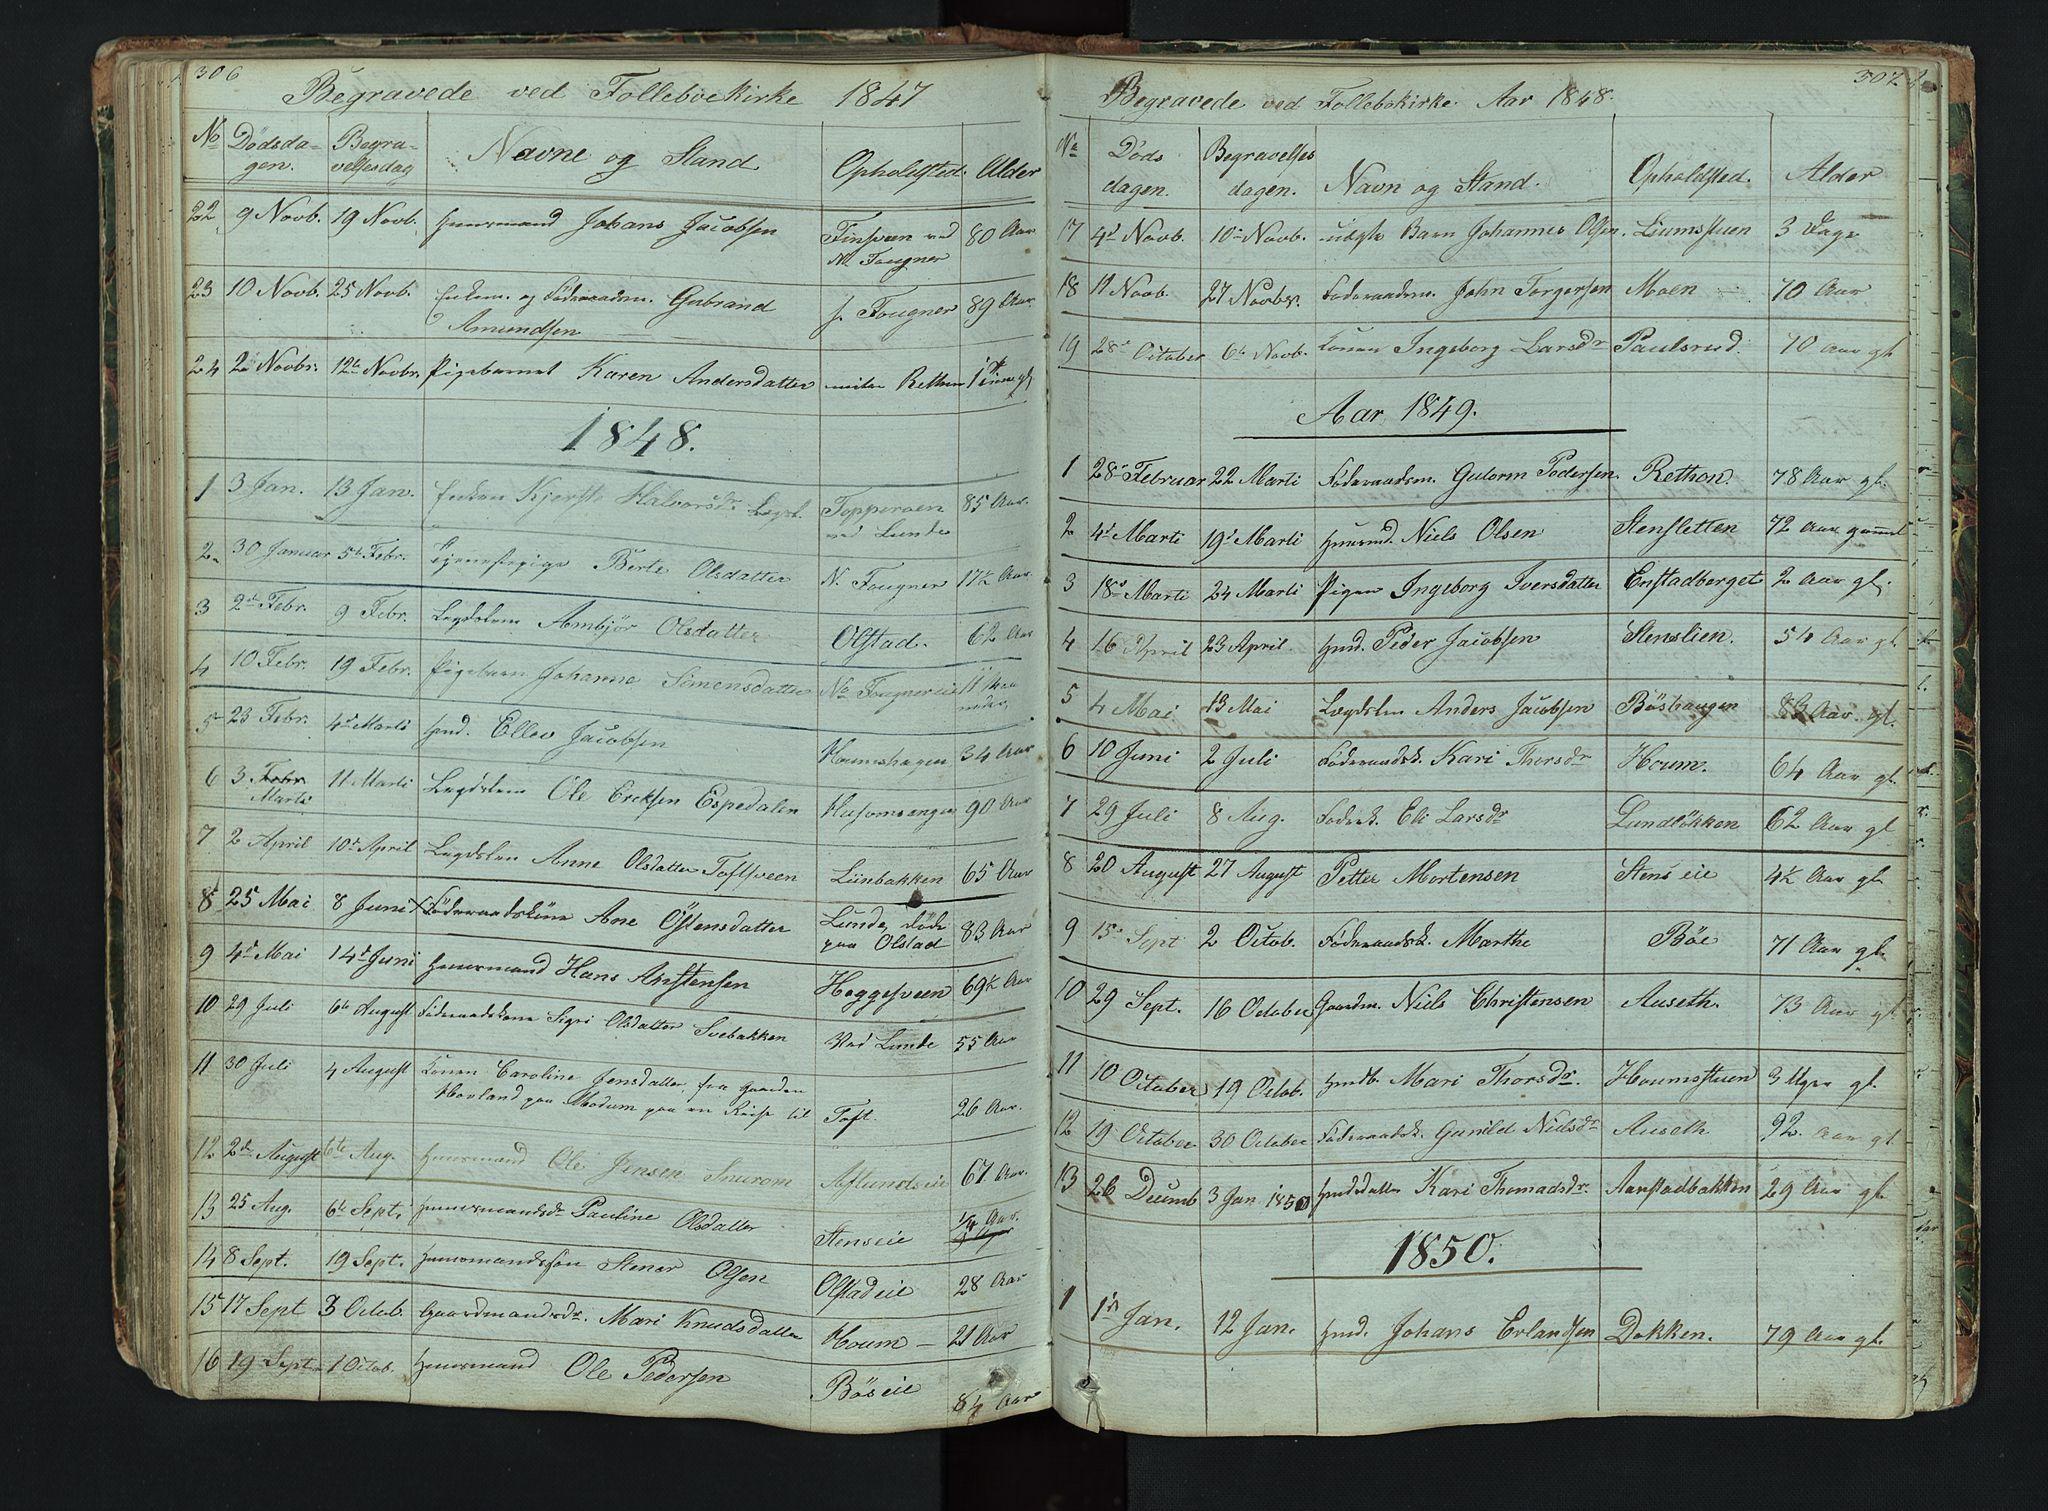 SAH, Gausdal prestekontor, Klokkerbok nr. 6, 1846-1893, s. 306-307